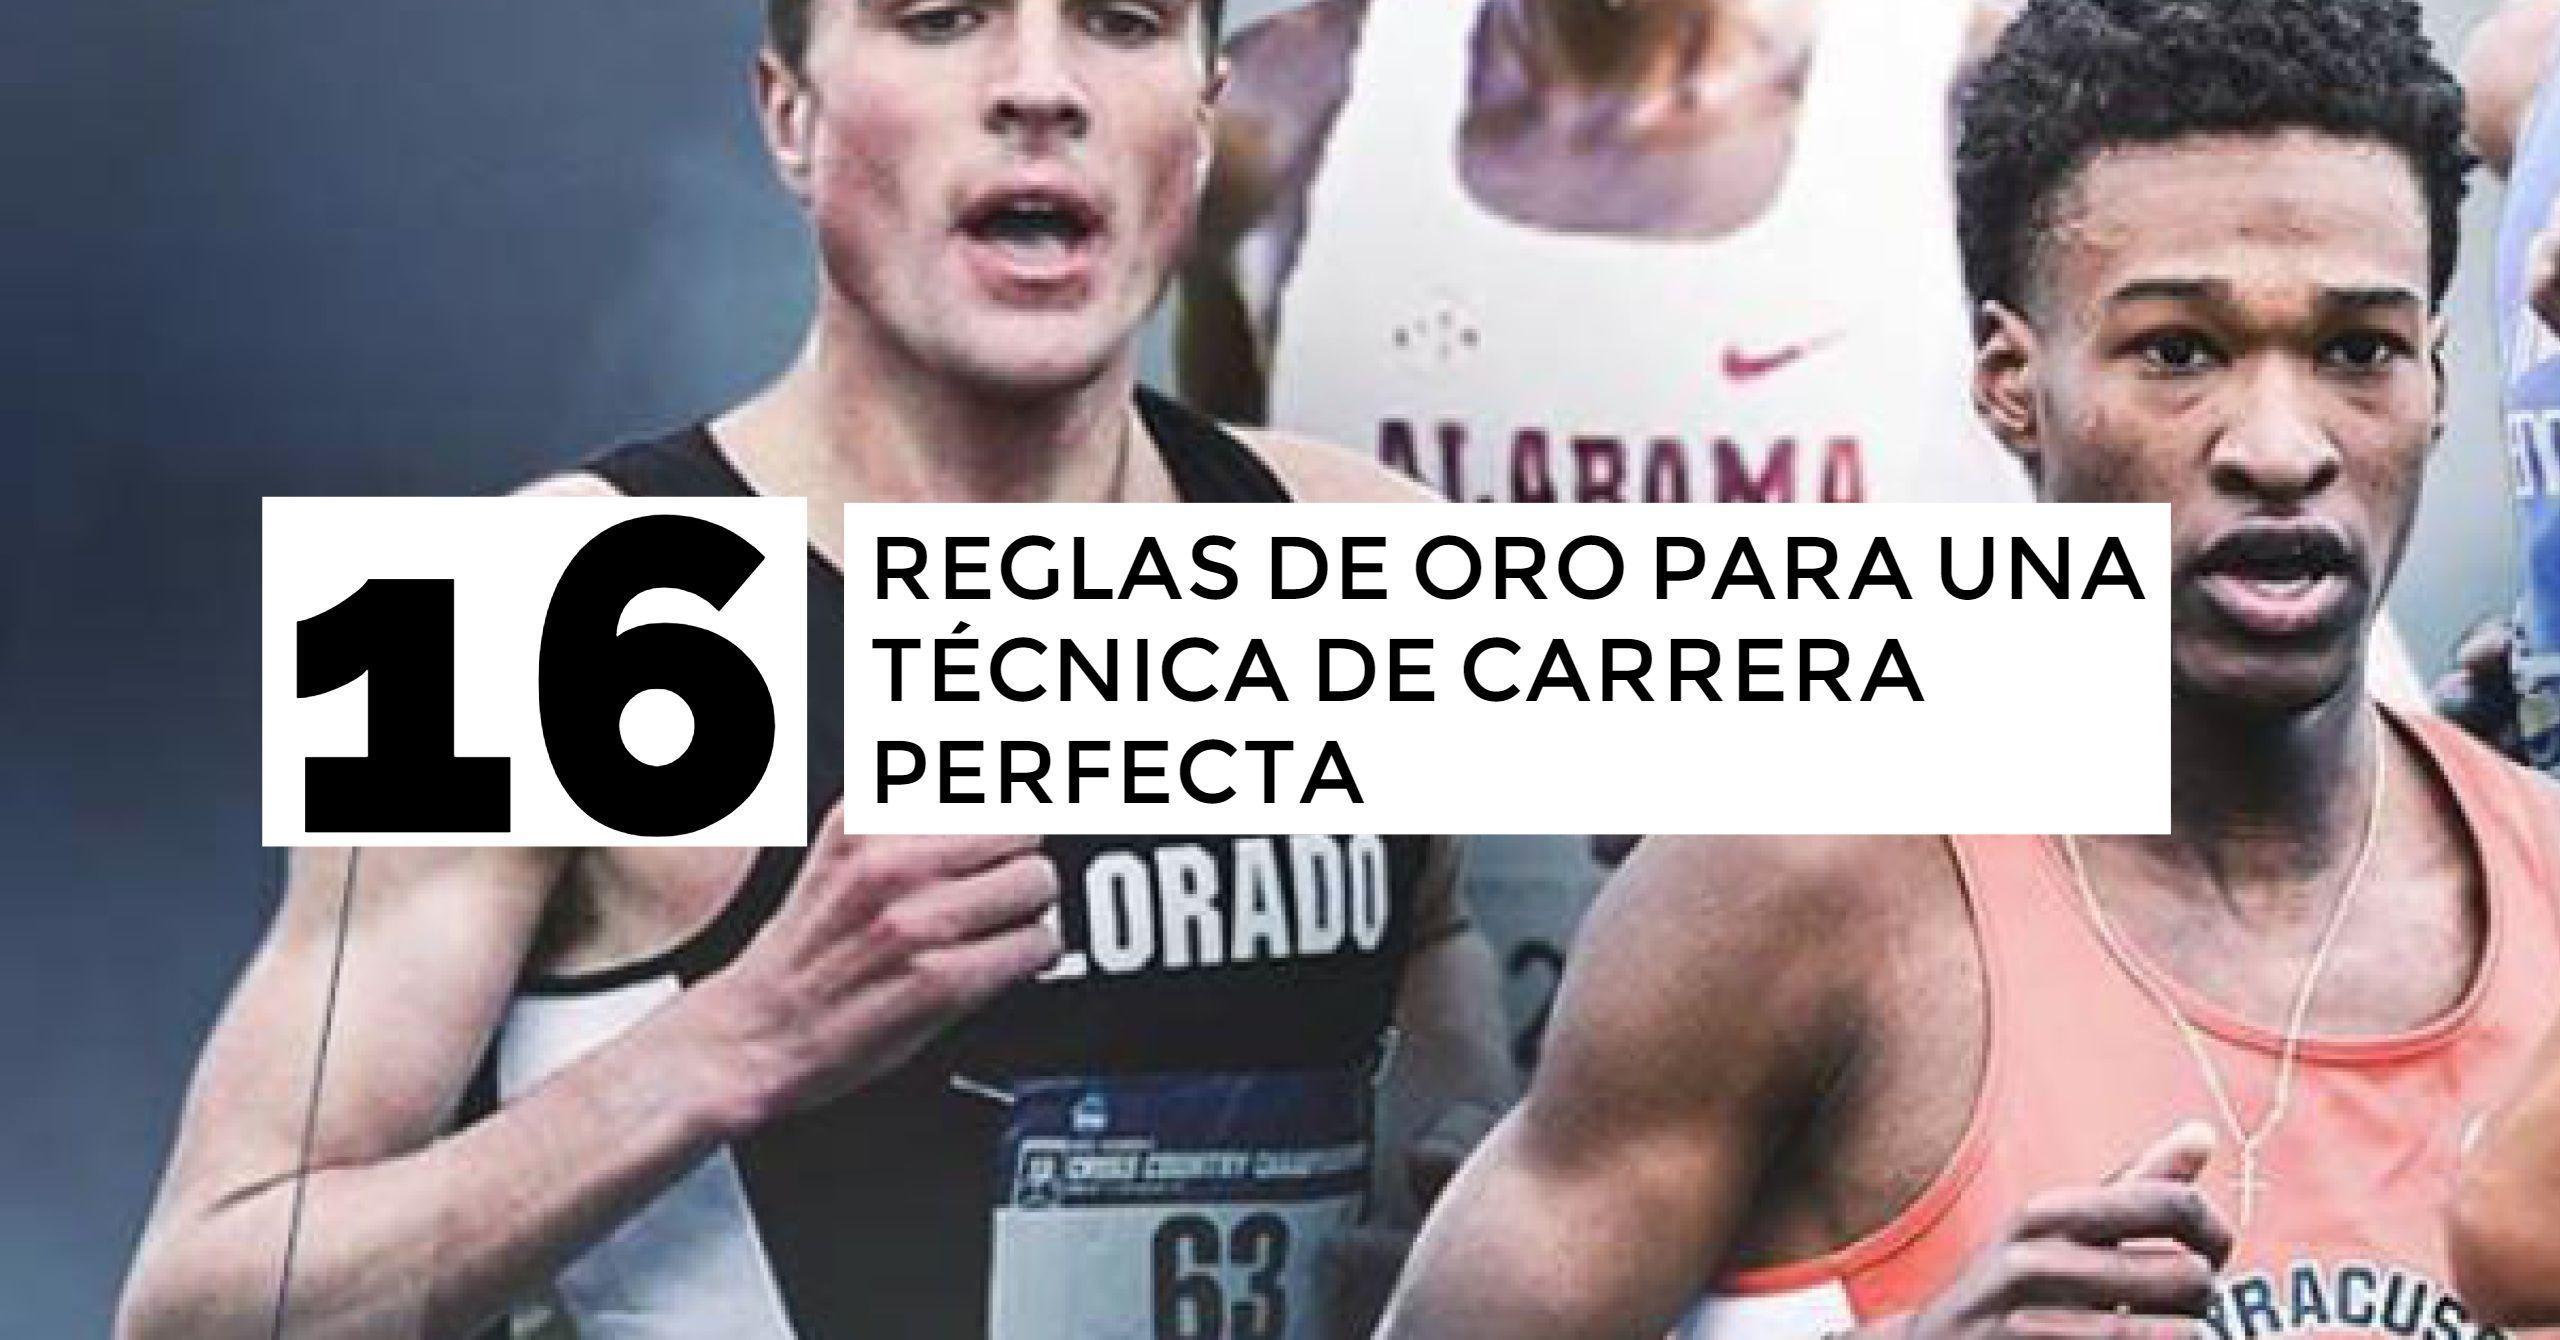 REGLAS DE ORO TECNICA DE CARRERA